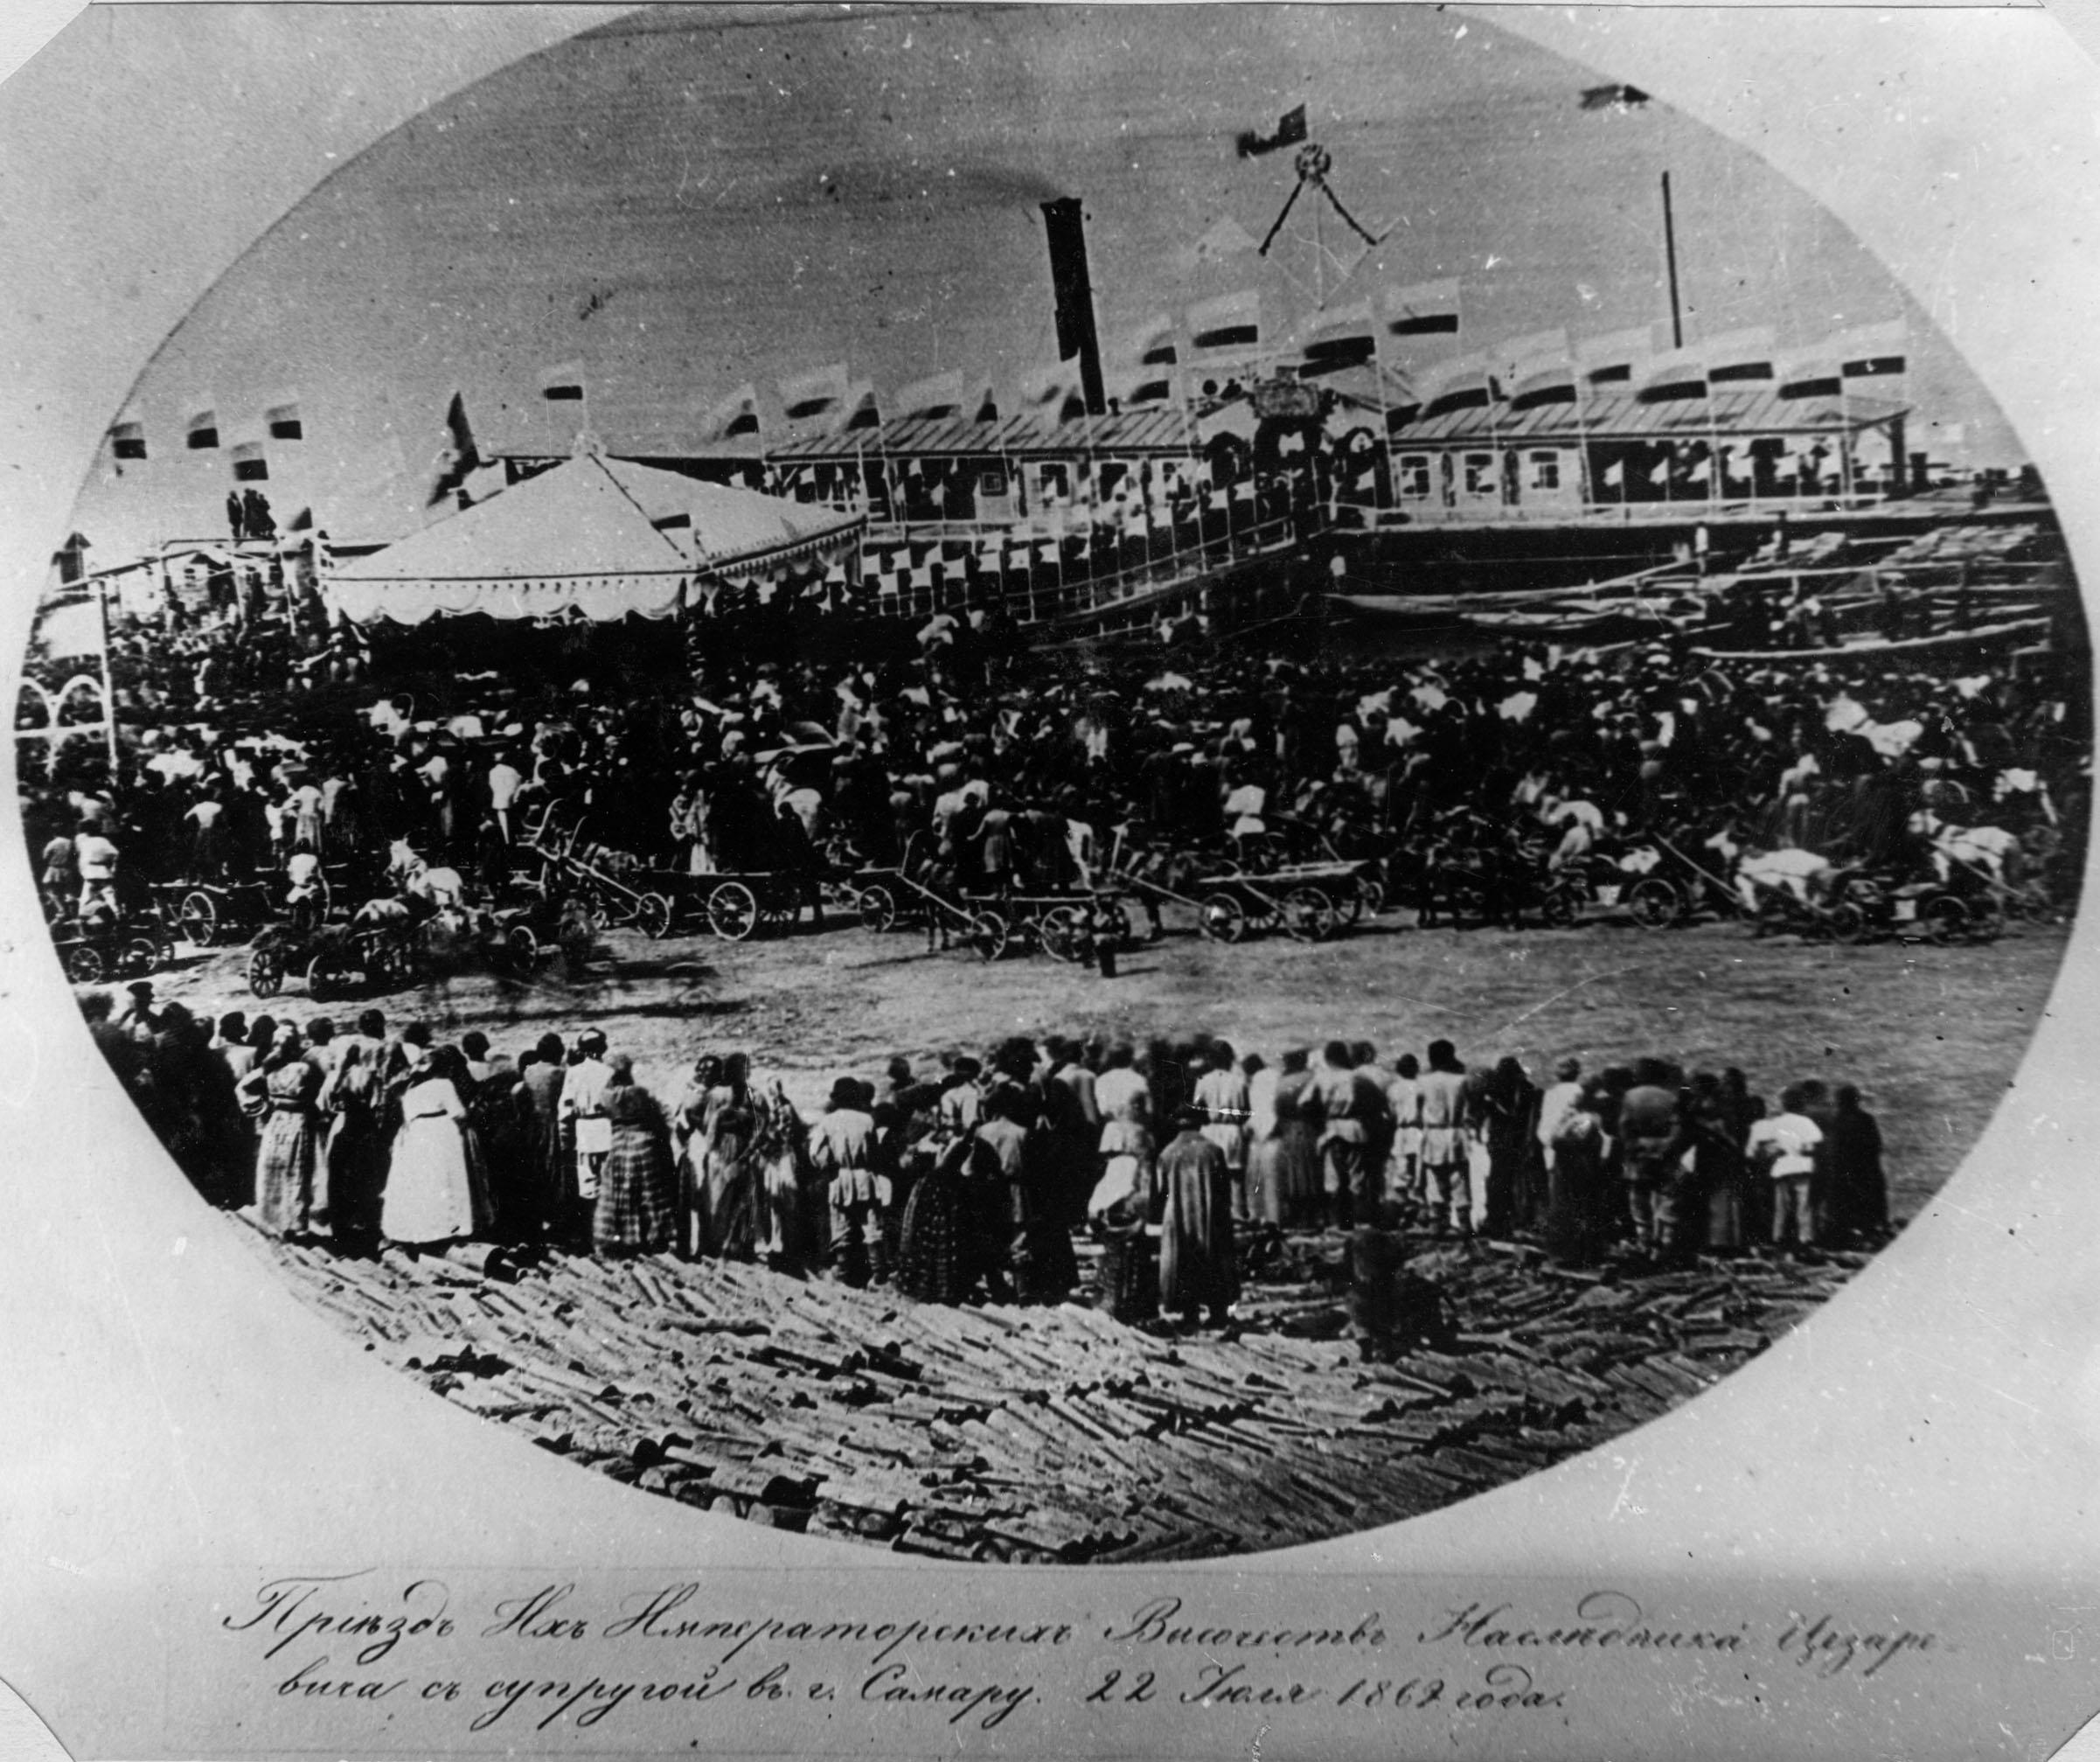 Визит великого князя Александра Александровича (будущего императора Александра III) в Самару. 22 июля 1869 года